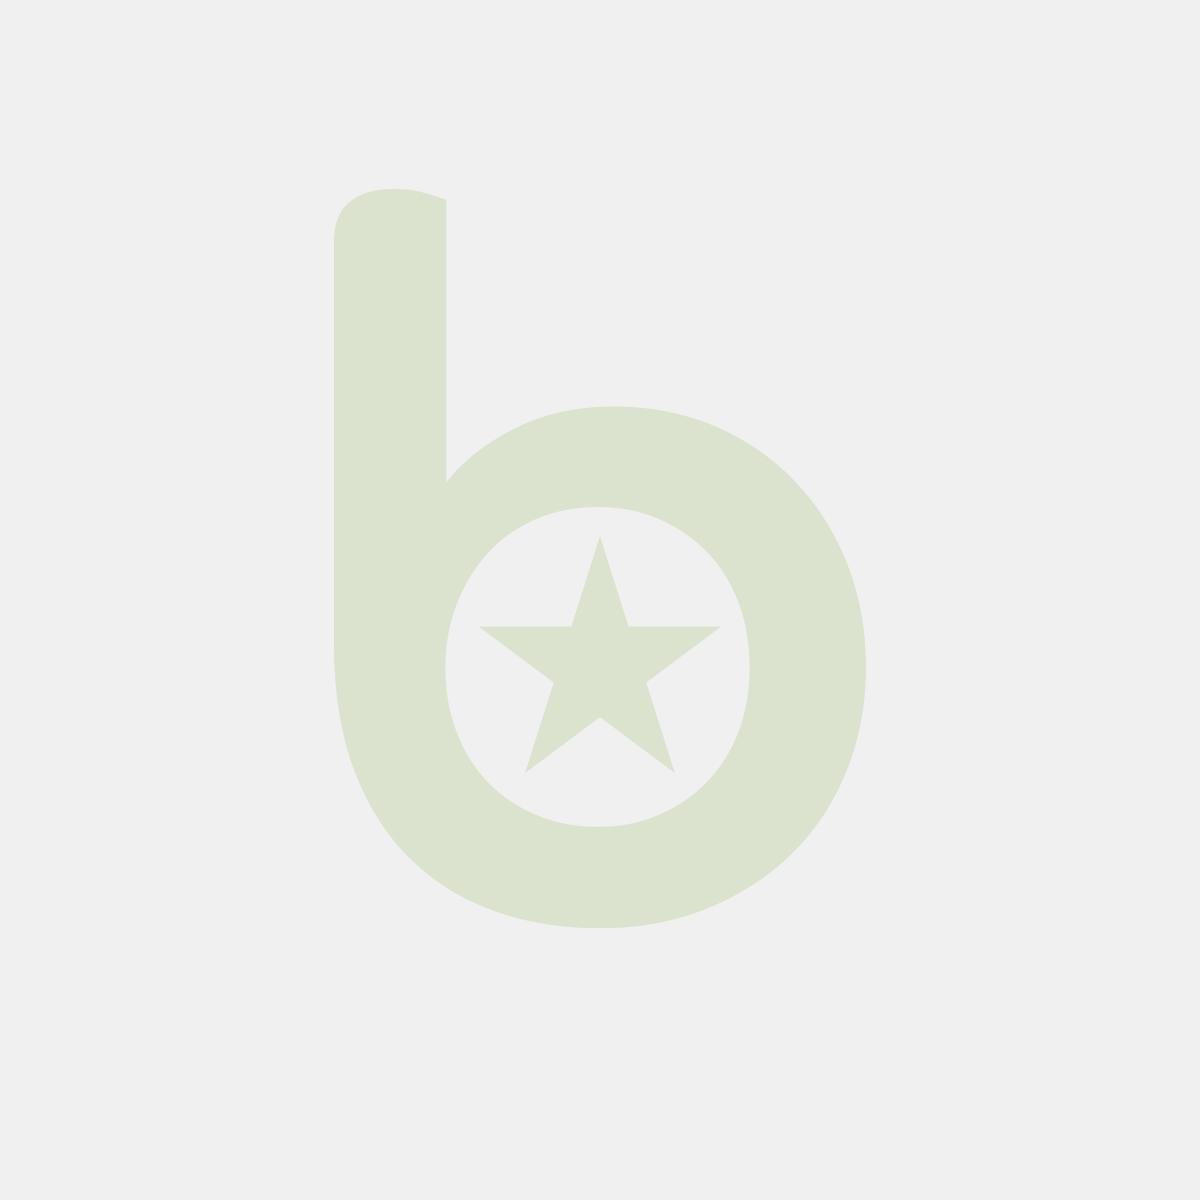 Worek do pieczywa - okrągły śr 400 (H)400 beżowy - kod 429068